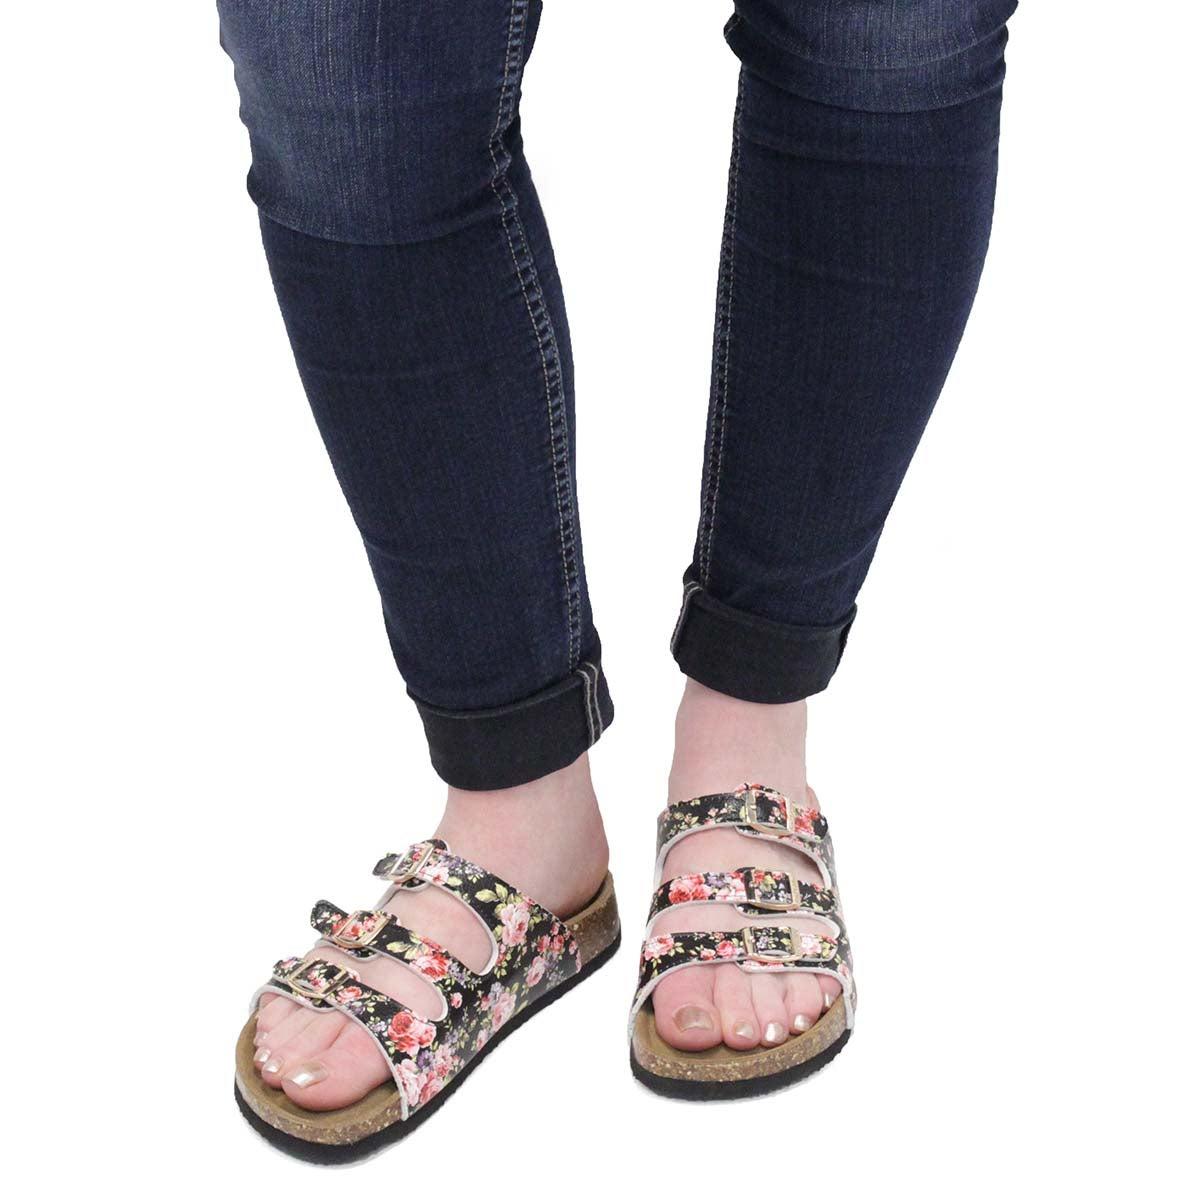 Lds Alexis 5 Flower pnk slide sandal